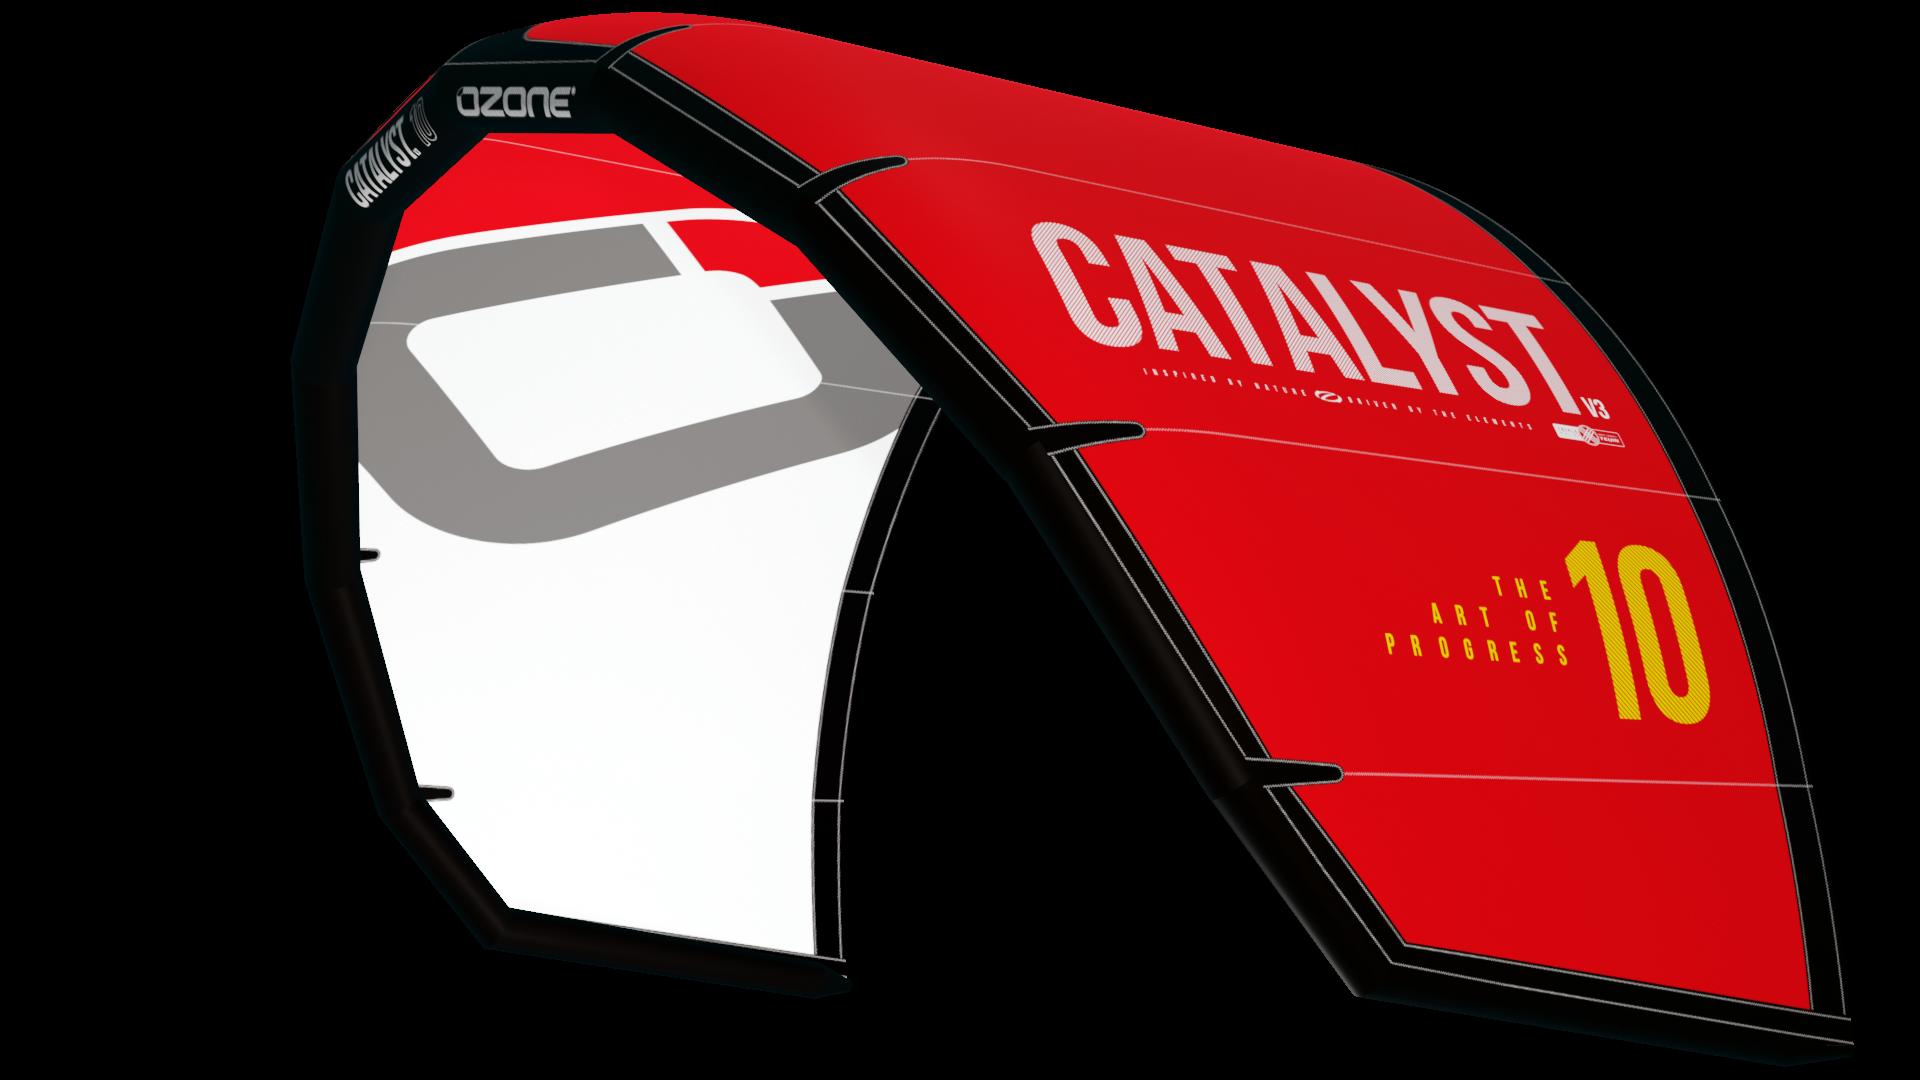 Ozone Catalyst V2 11m Kite